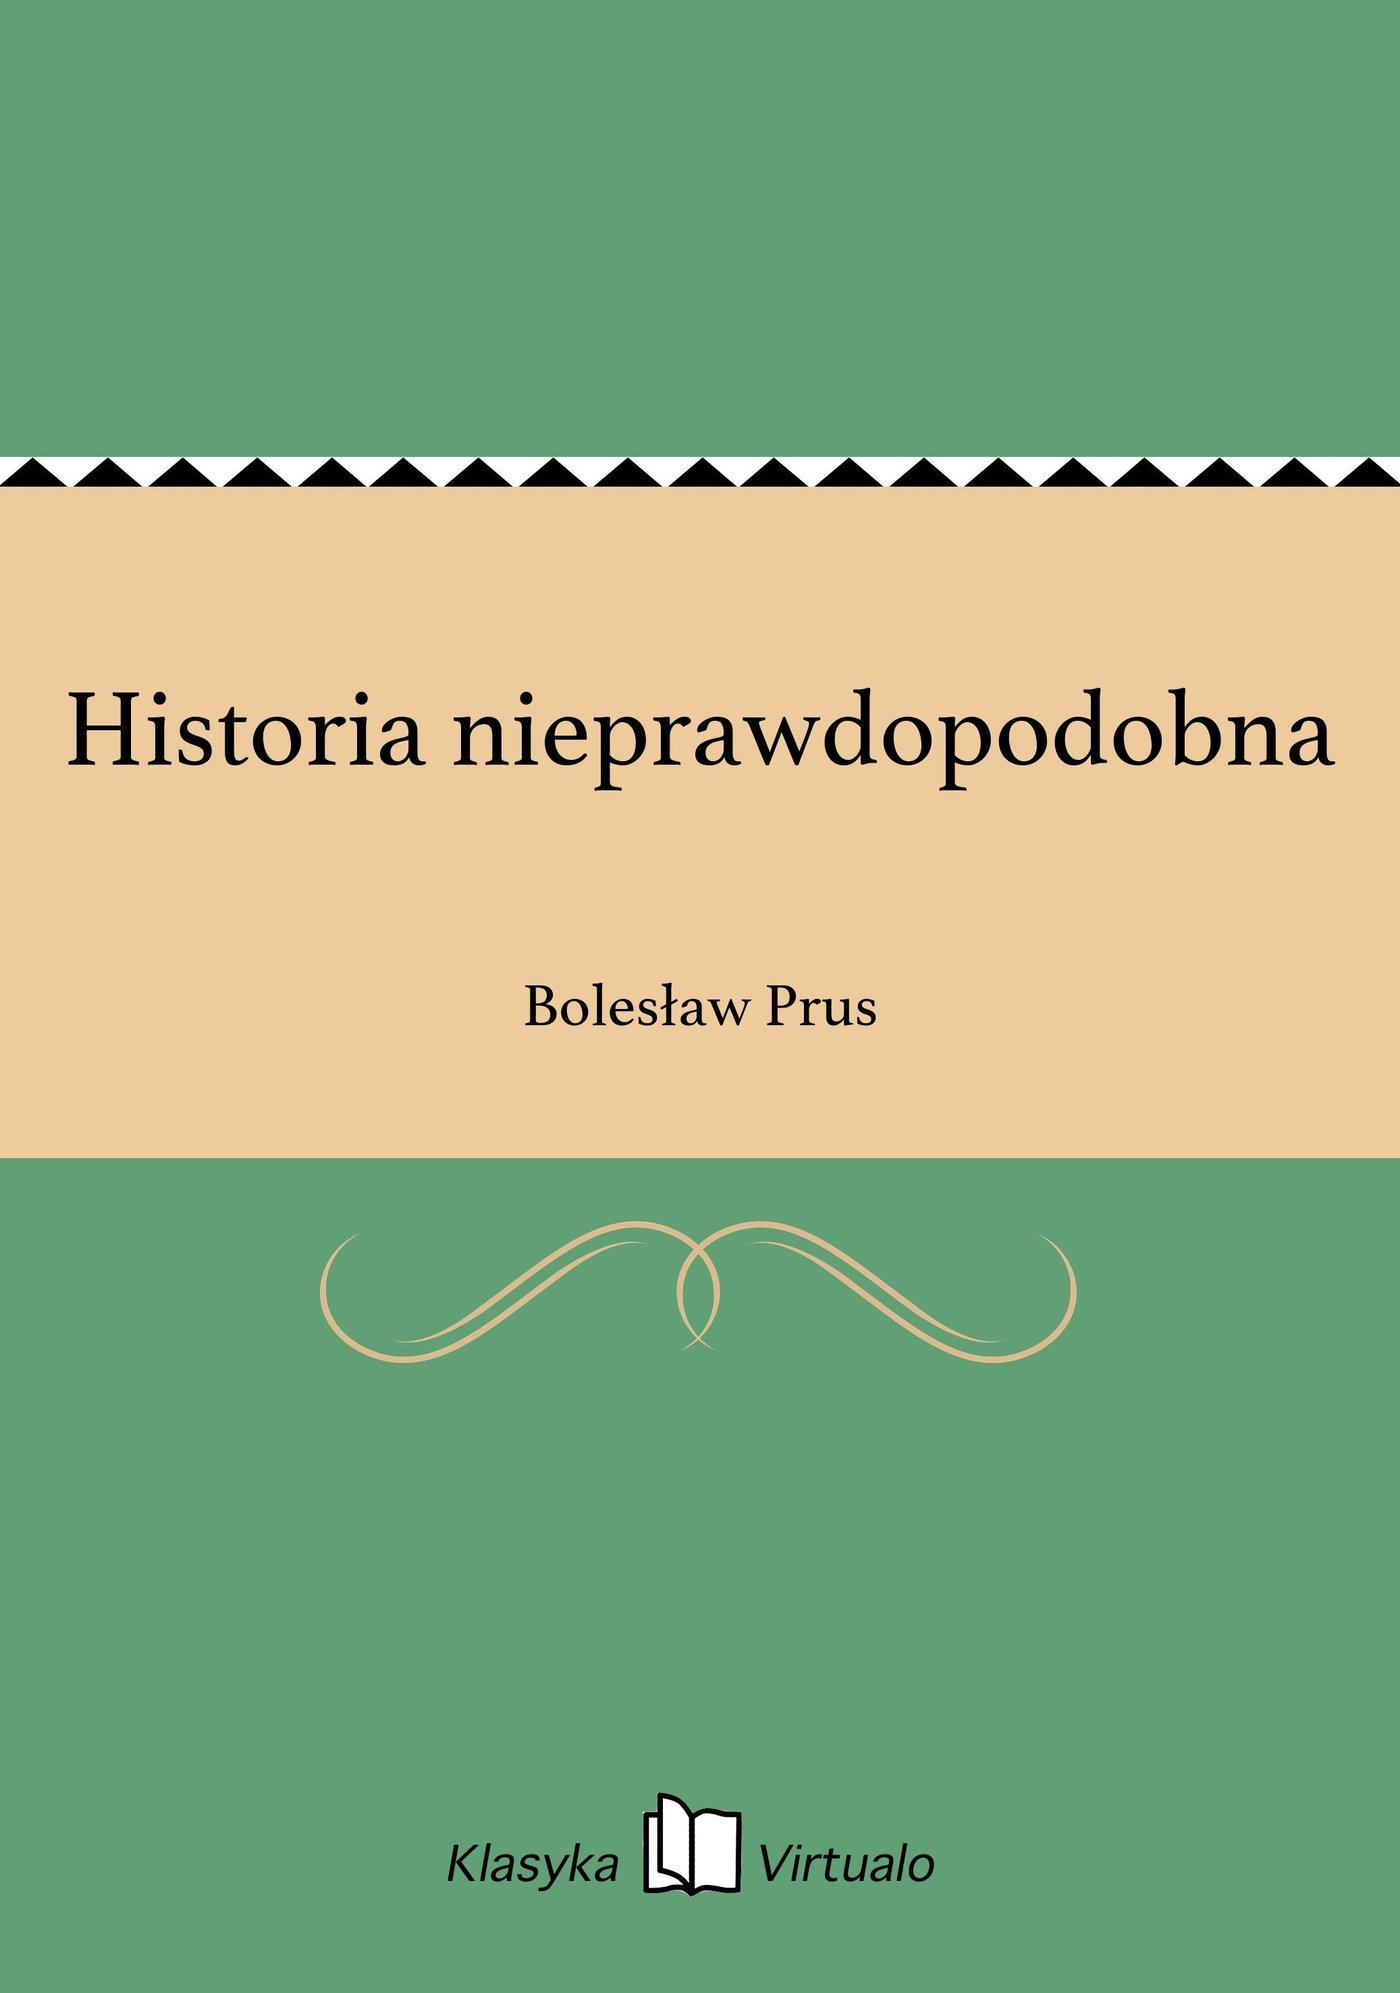 Historia nieprawdopodobna - Ebook (Książka EPUB) do pobrania w formacie EPUB